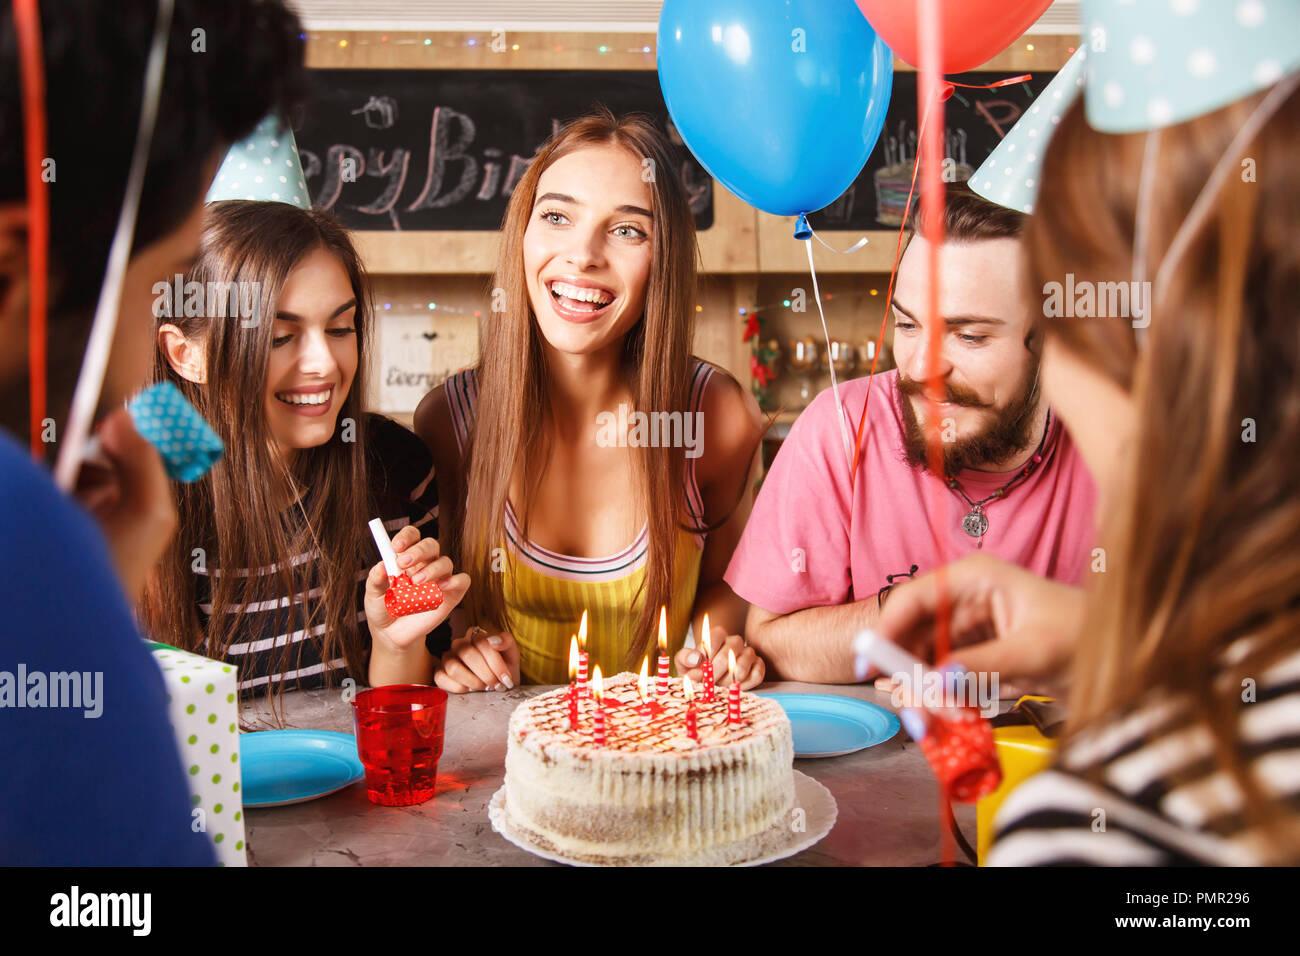 Cinco jóvenes adultos celebrando una fiesta de cumpleaños como ellos sentados alrededor de una mesa con tortas y gorros de fiesta Imagen De Stock